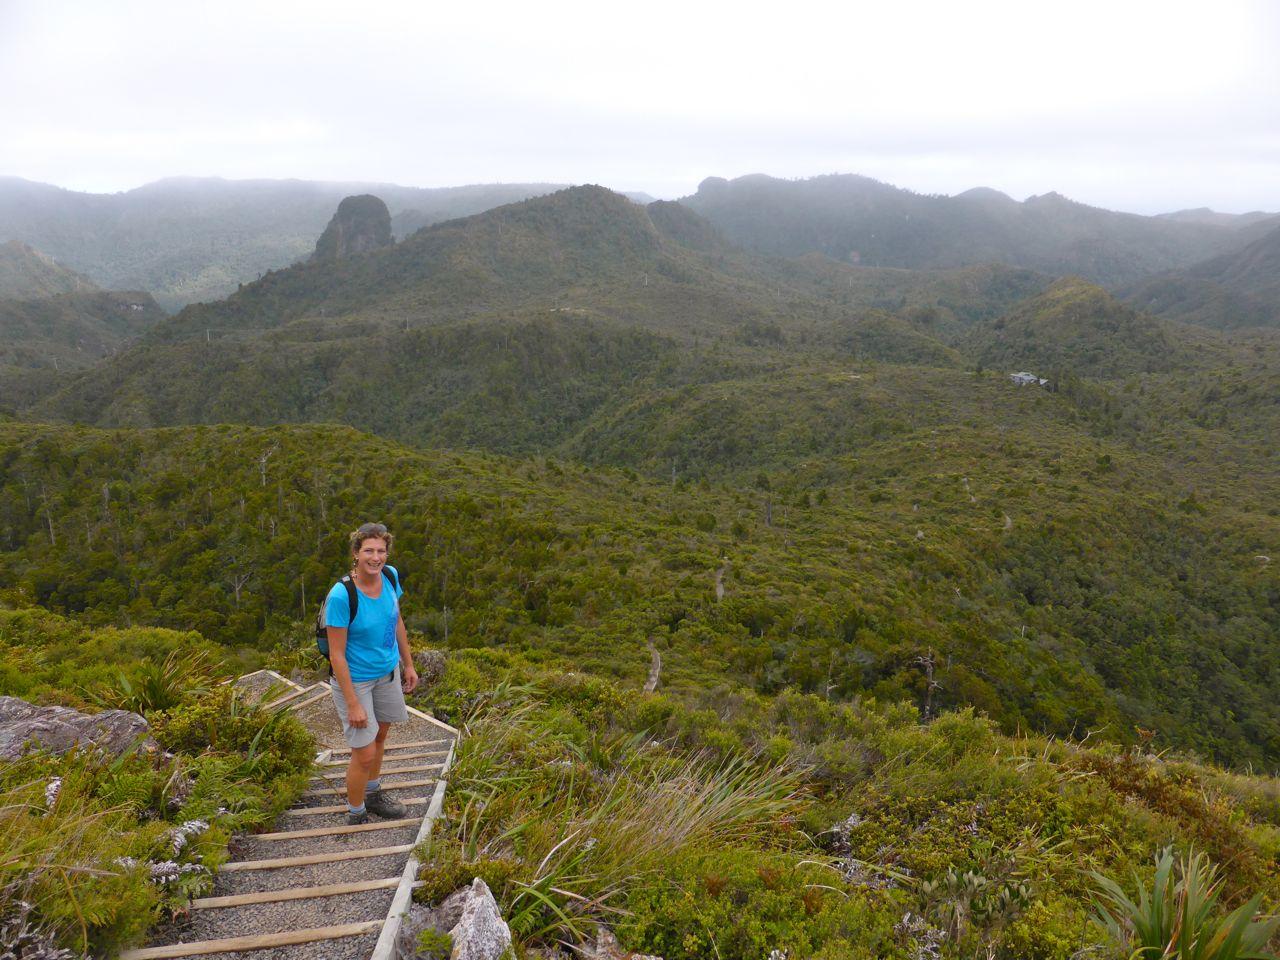 Wandeling naar the pinnacles op Coromandel